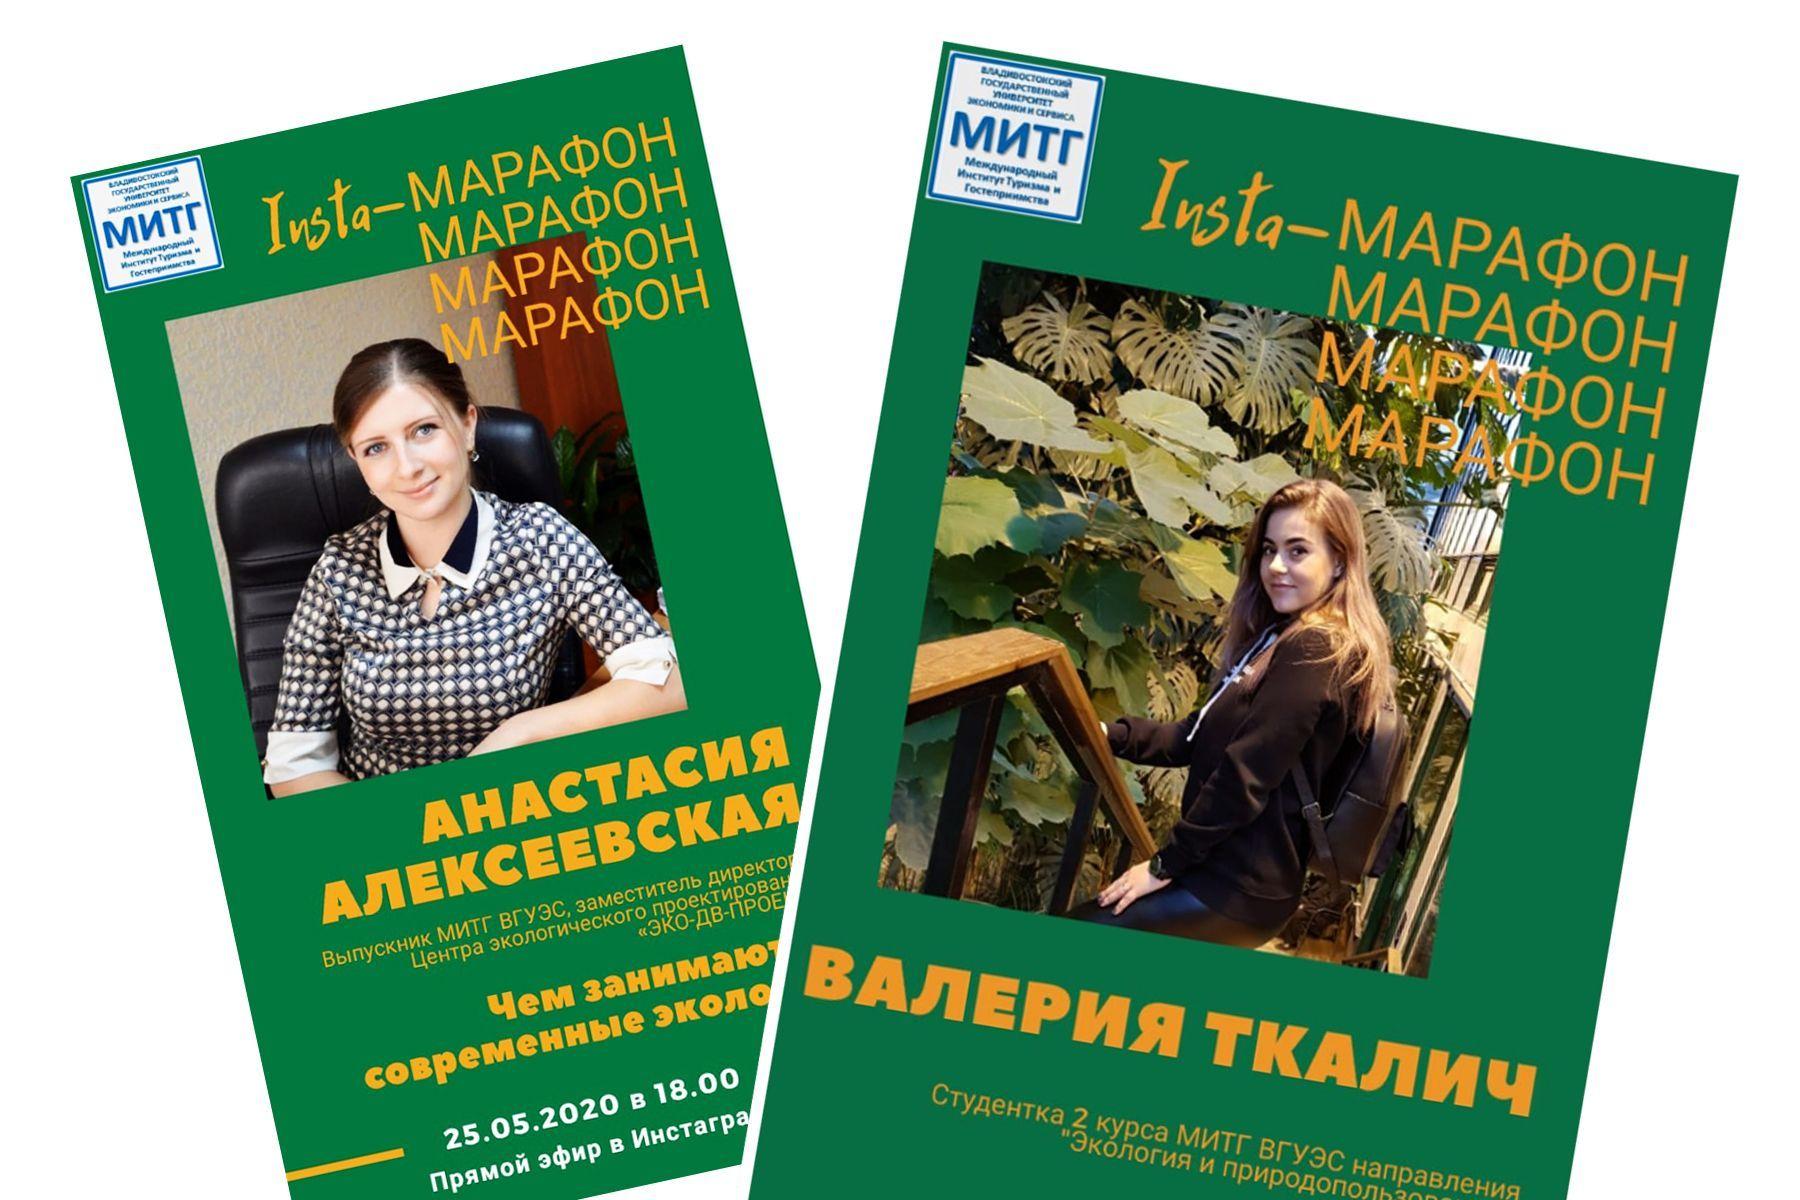 Перспективы будущей профессии из первых уст: выпускники МИТГ ВГУЭС рассказывают о собственном карьерном пути школьникам России на вебинарах